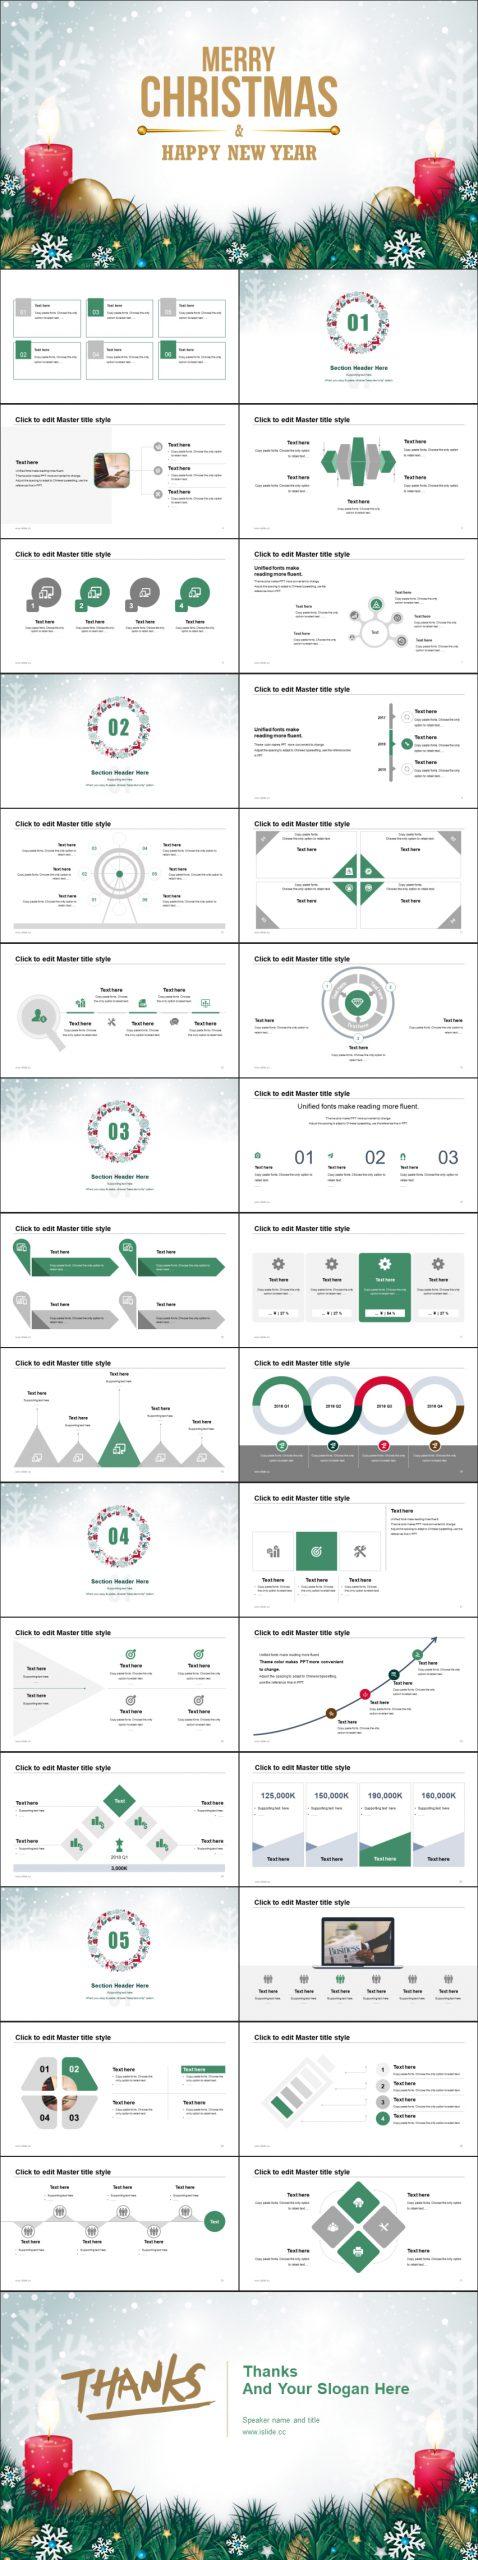 圣诞节庆典节日主题PPT模板下载_预览图2